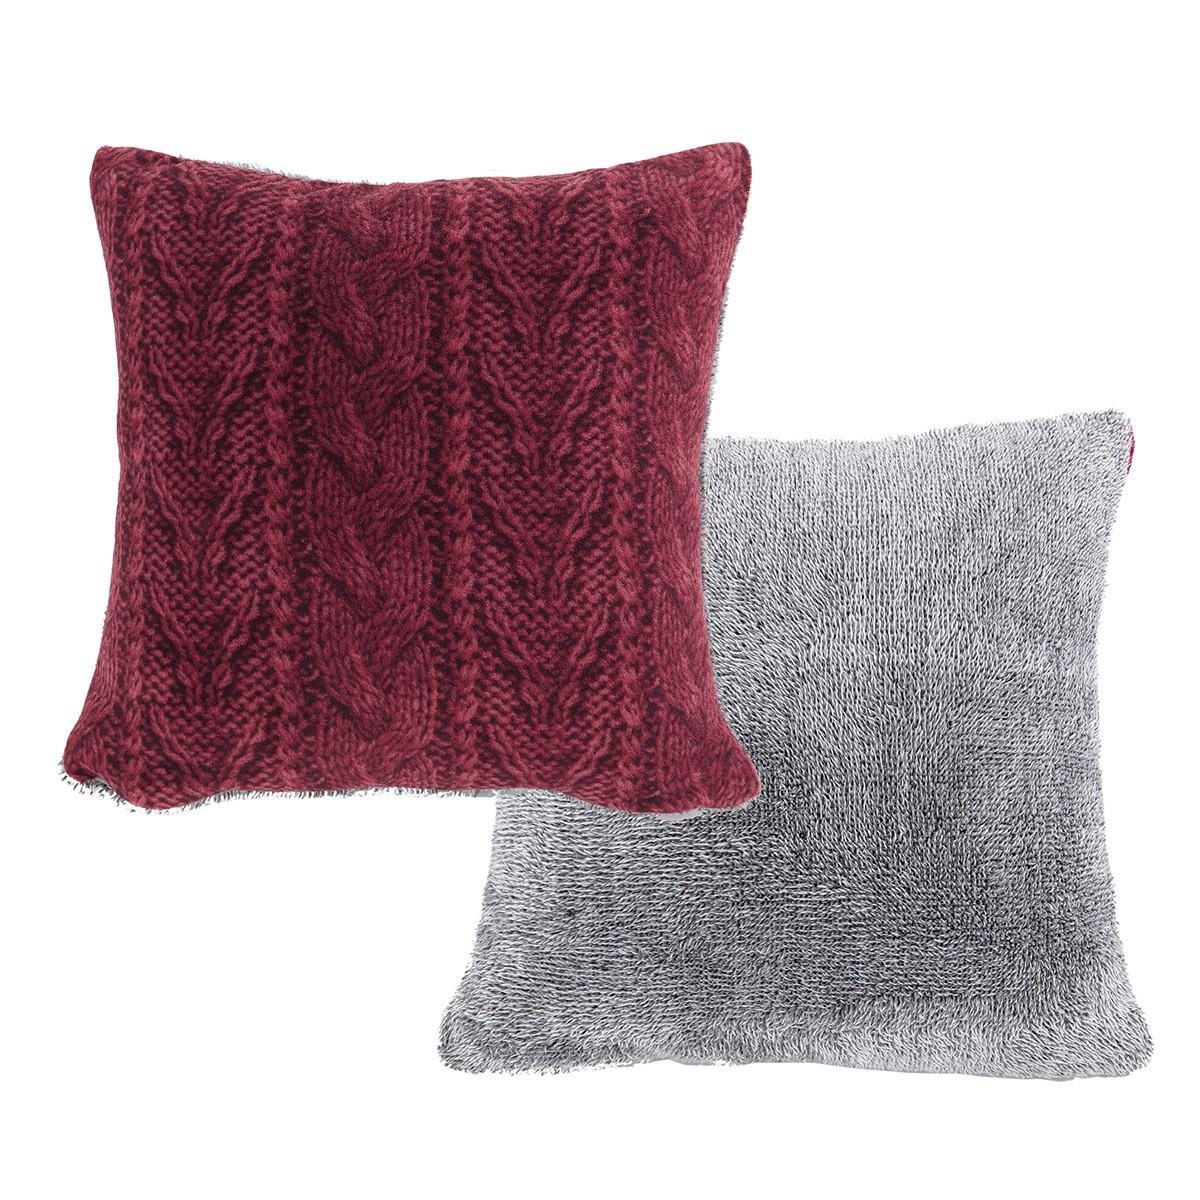 Διακοσμητικό Μαξιλάρι Nef-Nef Knitty Bordo